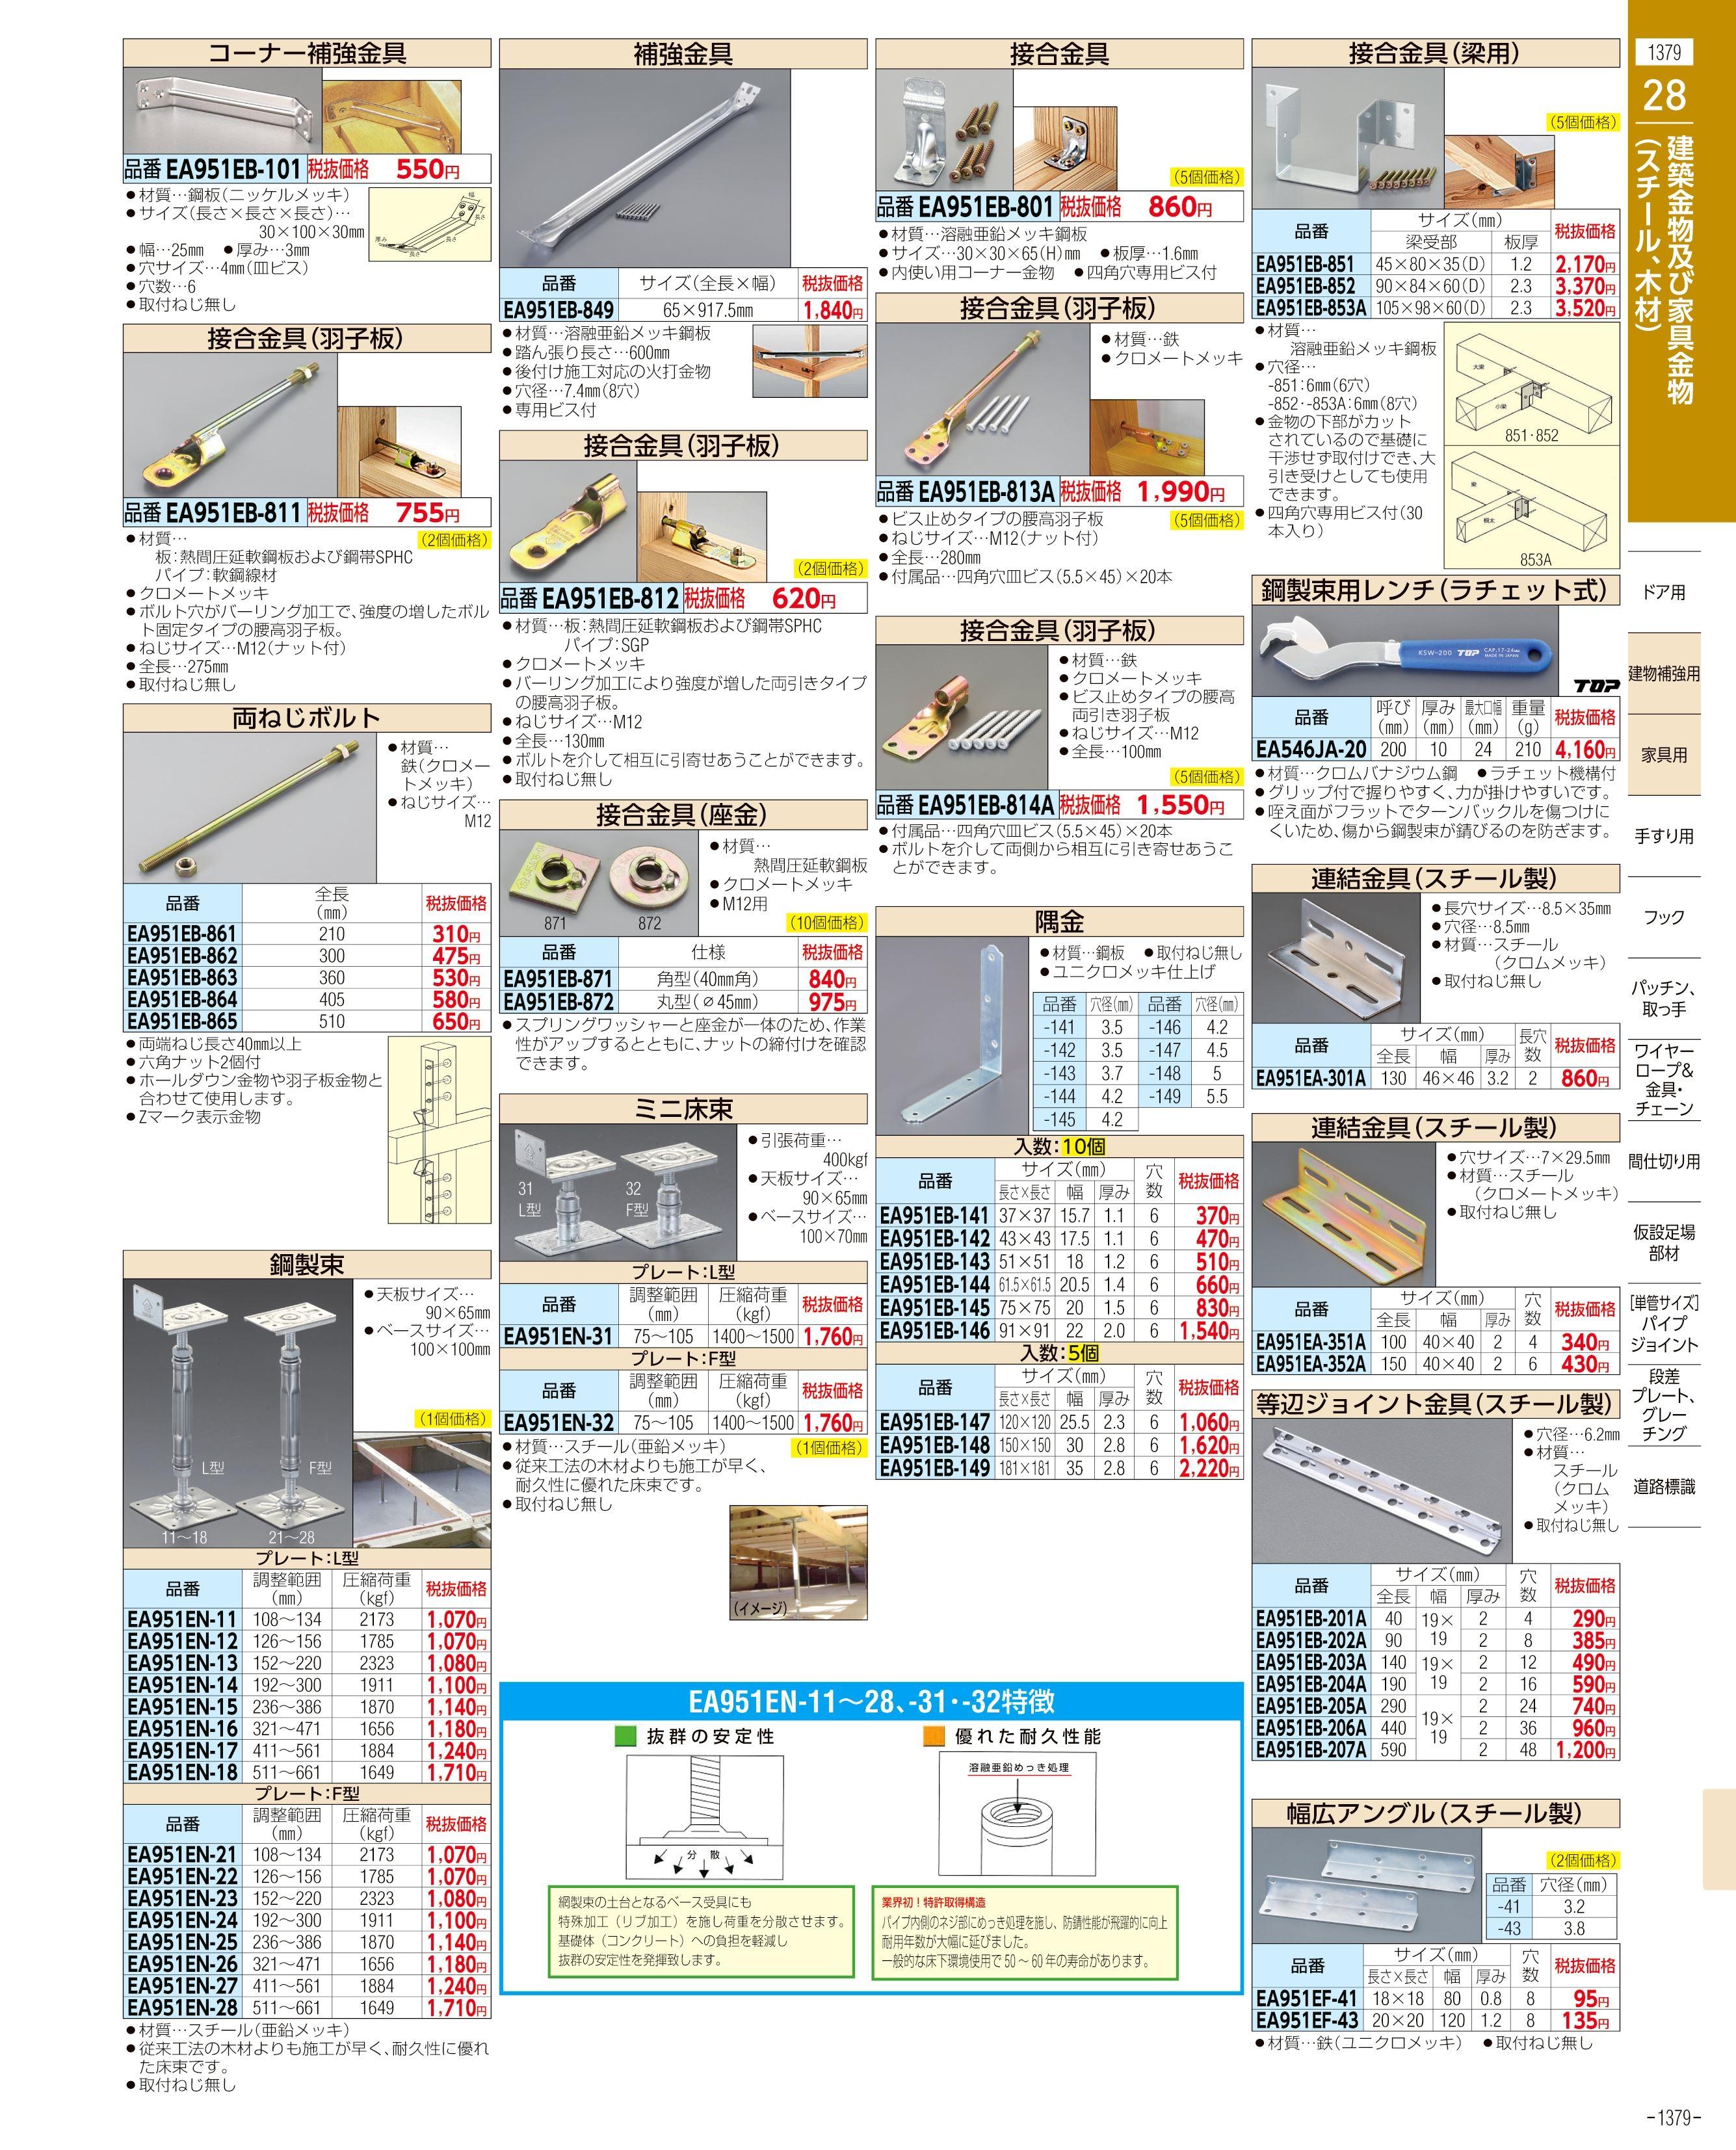 エスコ便利カタログ1379ページ